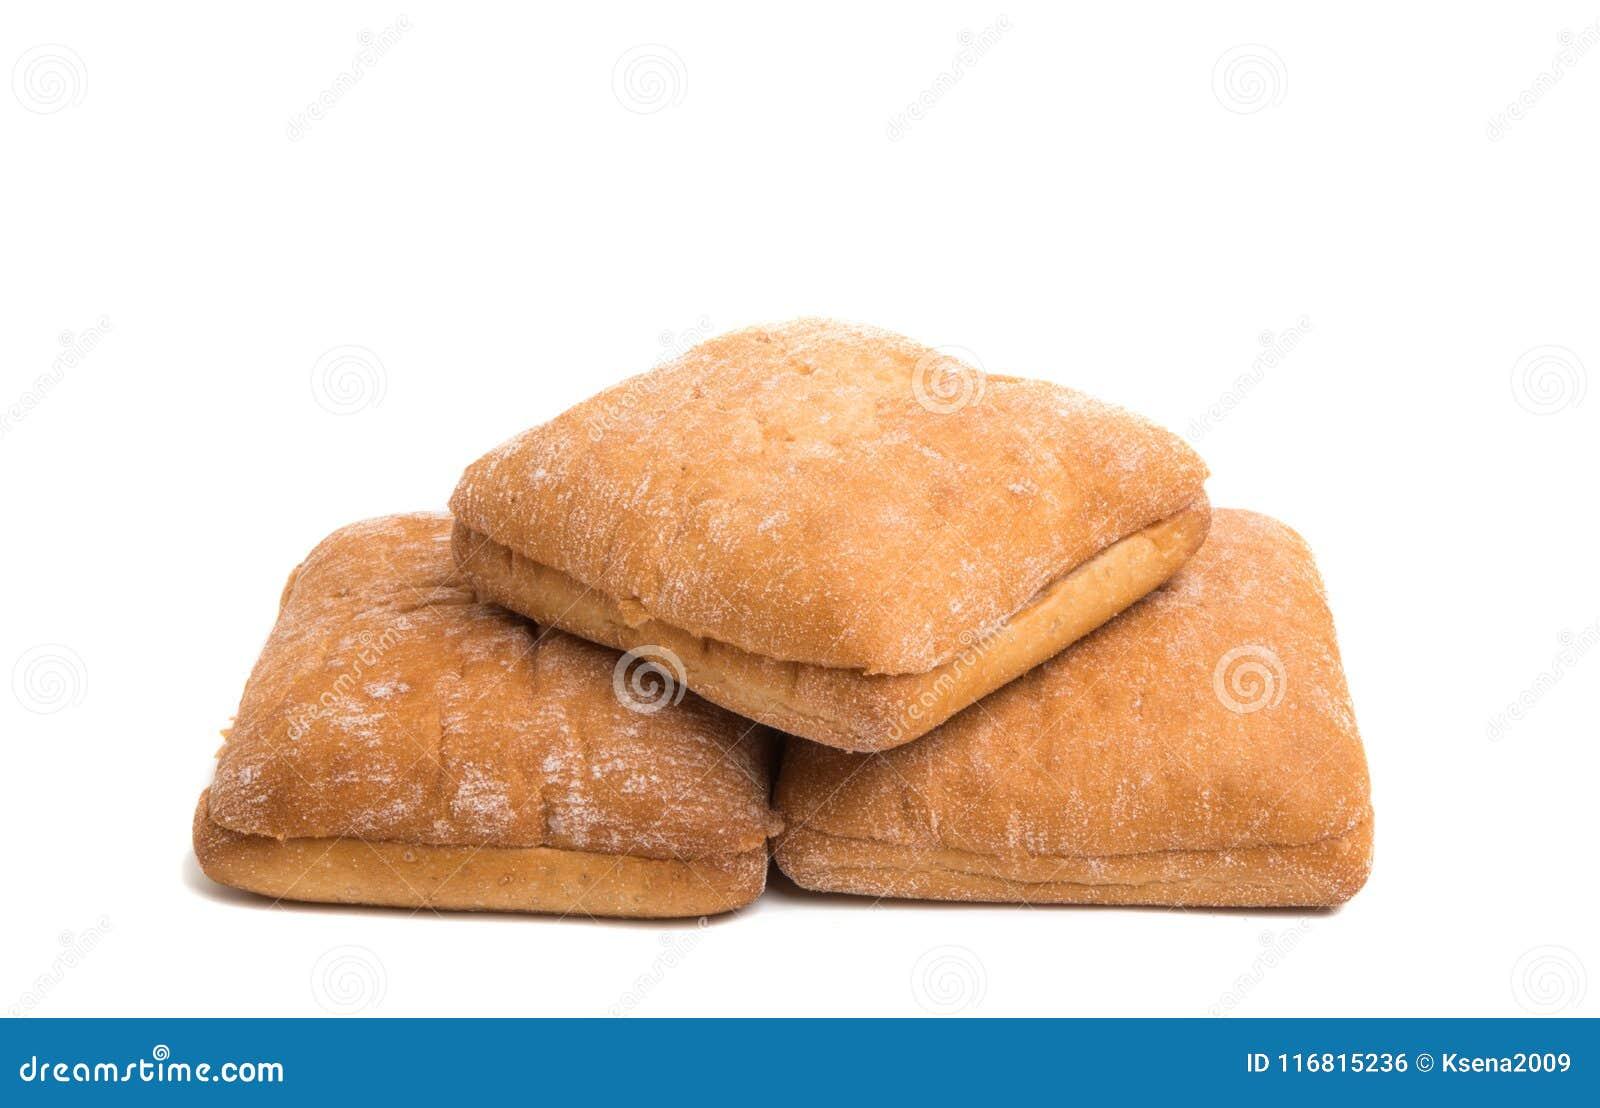 Ciabatta per i panini